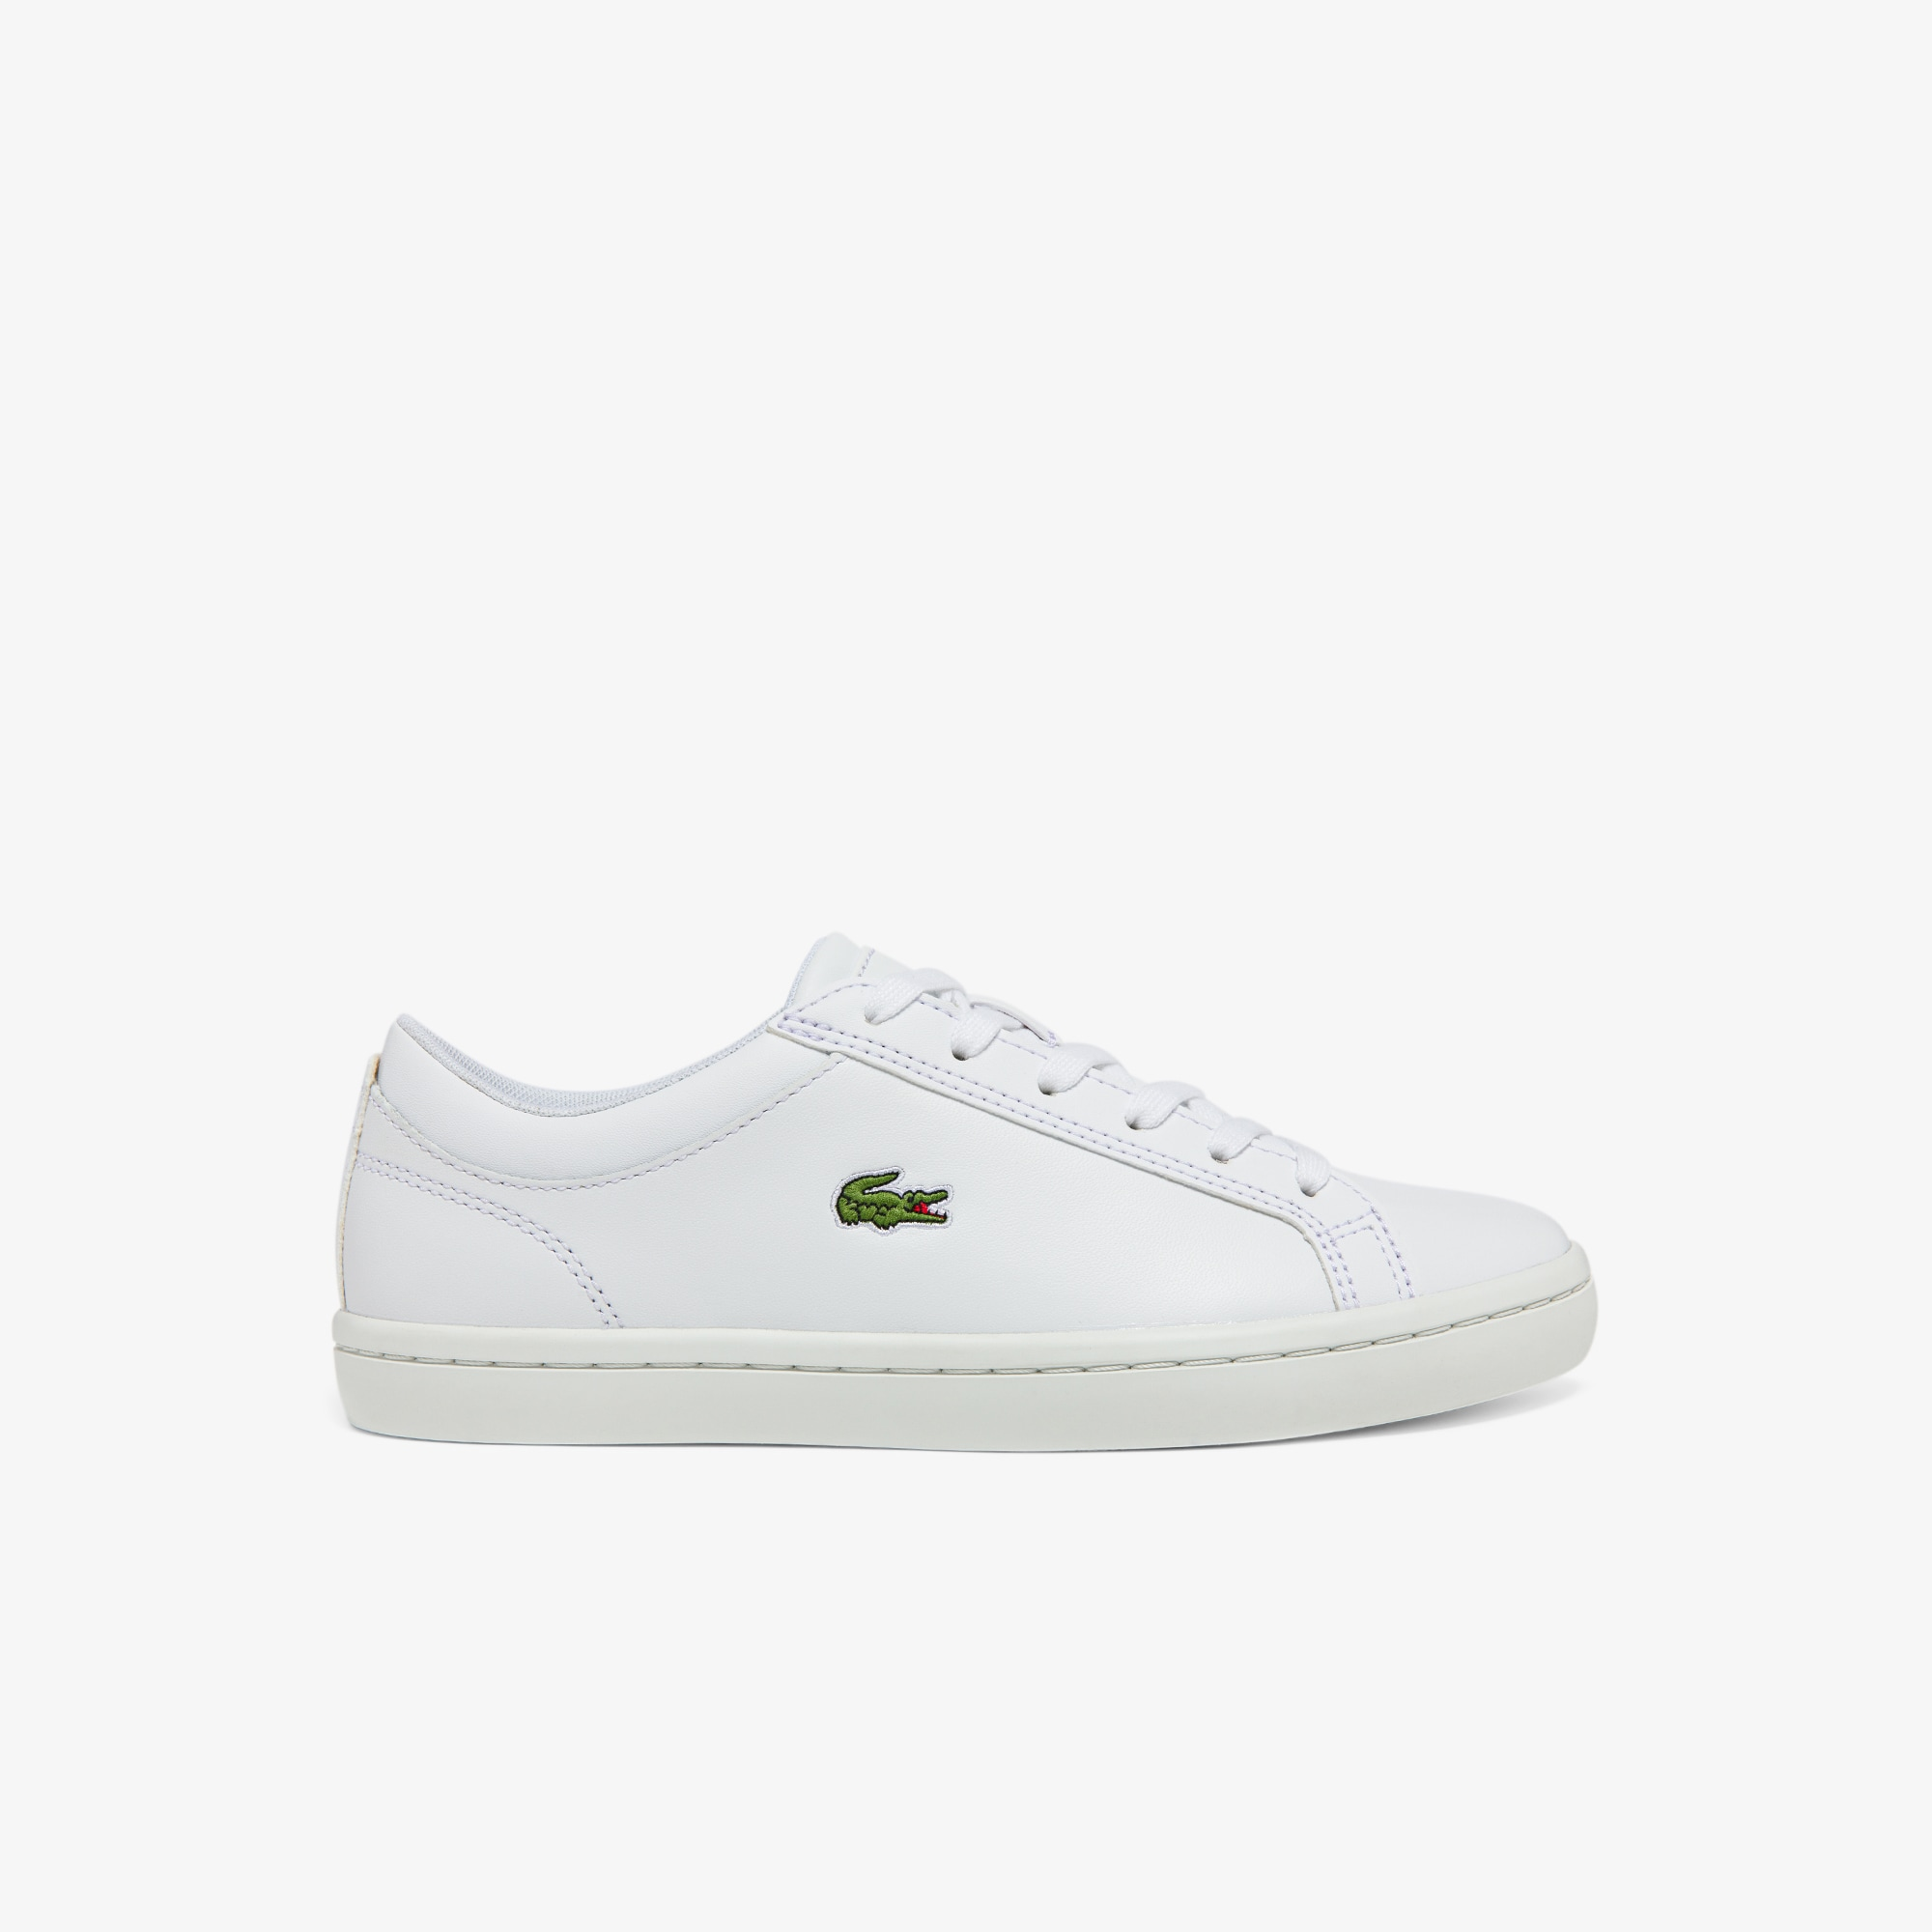 Damen-Sneakers STRAIGHTSET aus Leder